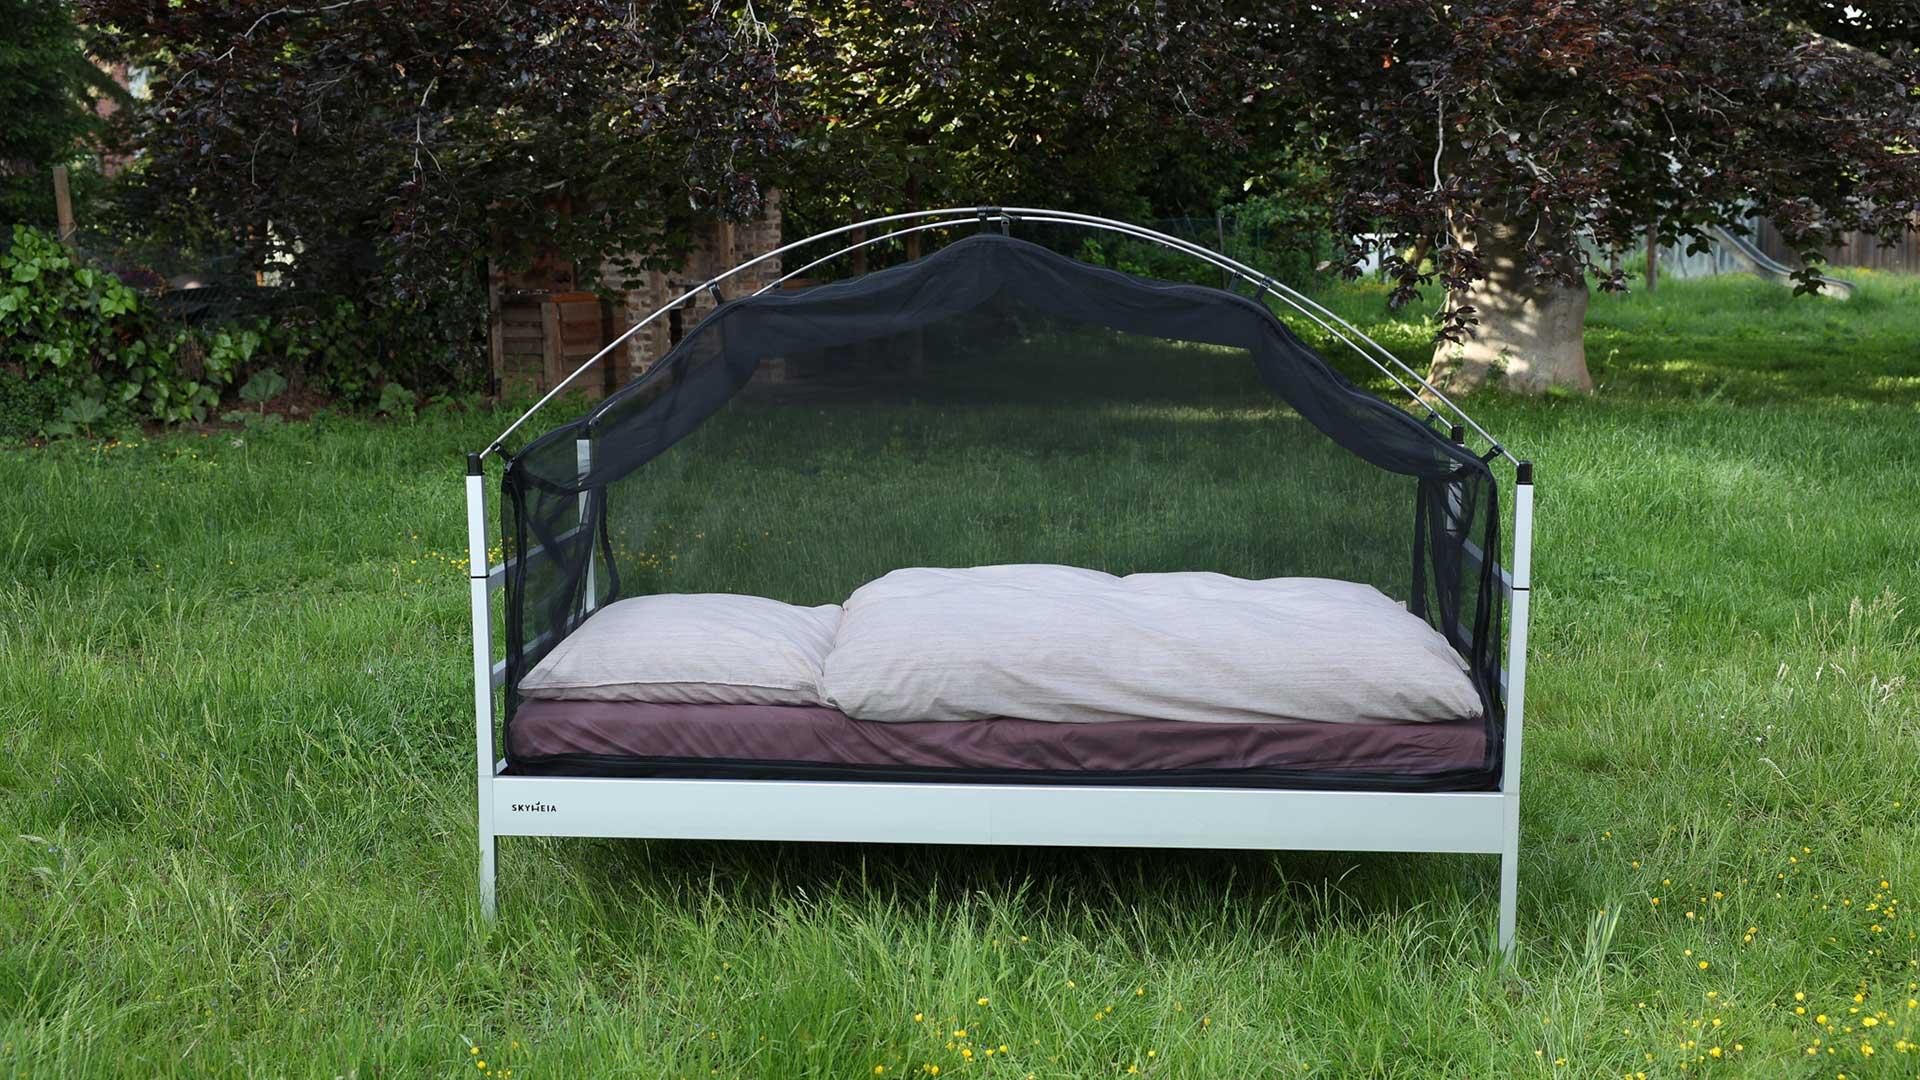 Man sieht das Outdoor-Bett SkyHeia auf einer Wiese stehend mit einem Moskitonetz, dass es kumpelartig umspannt.